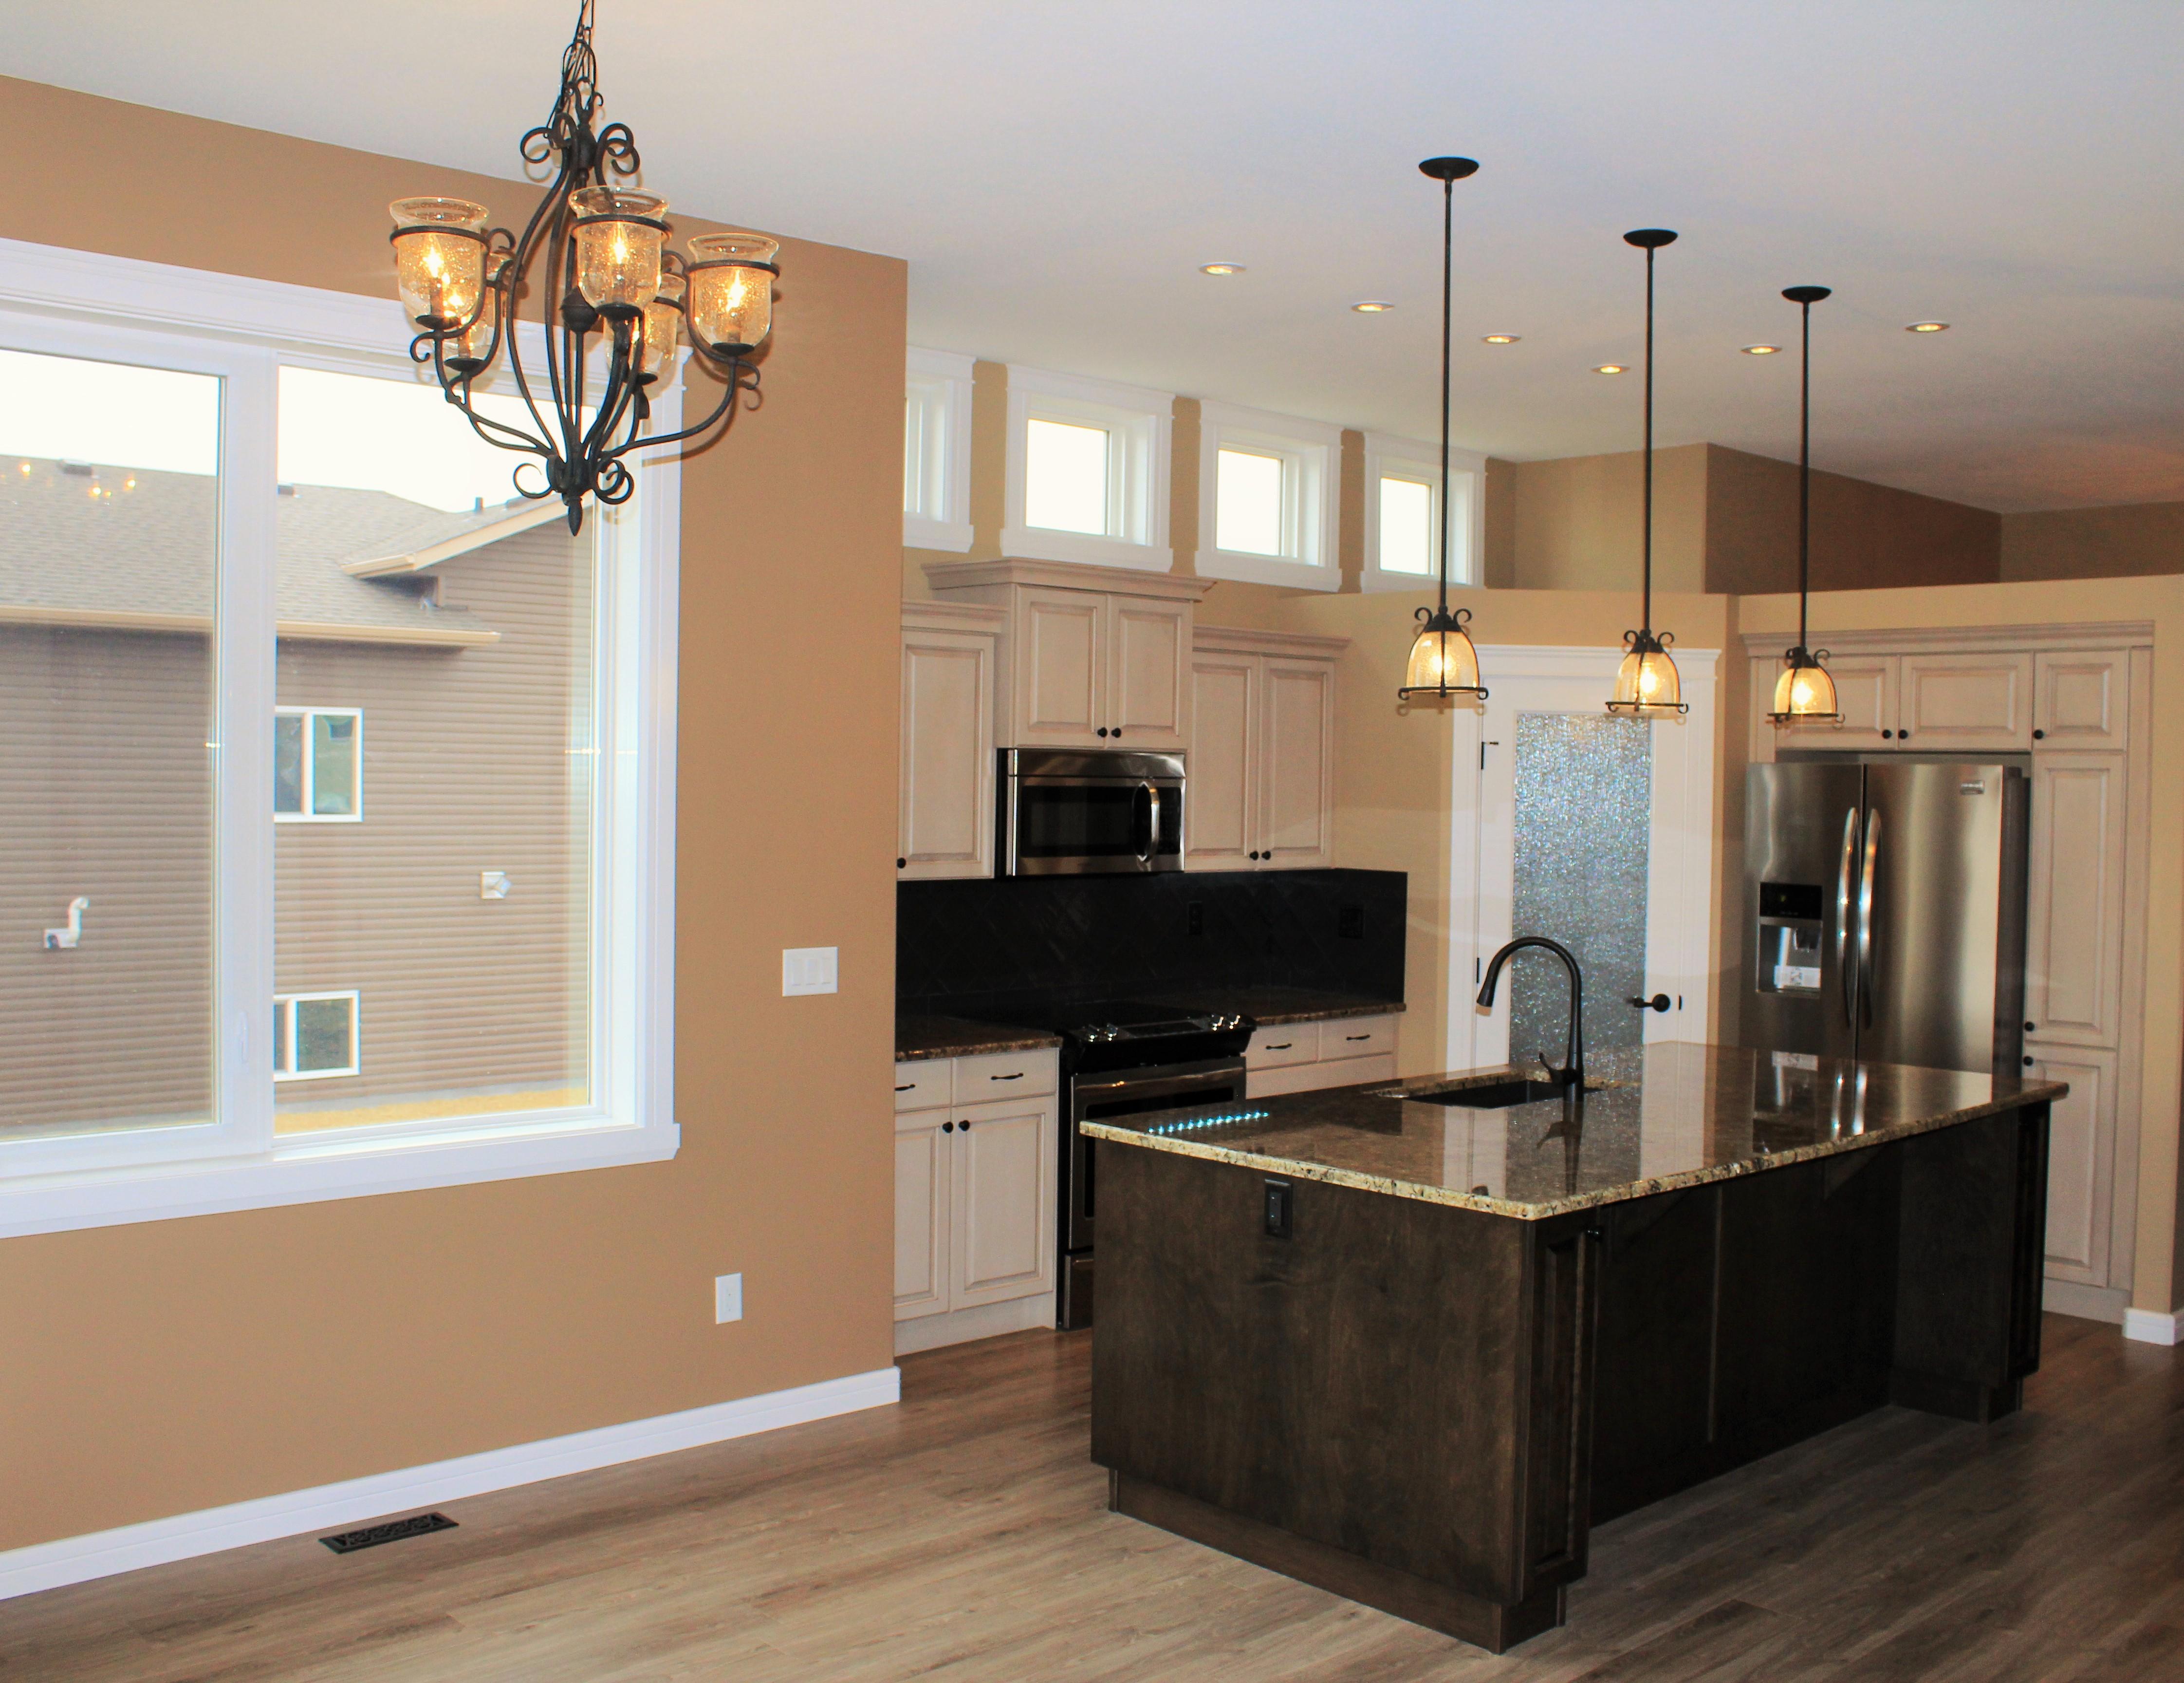 2153 kitchen